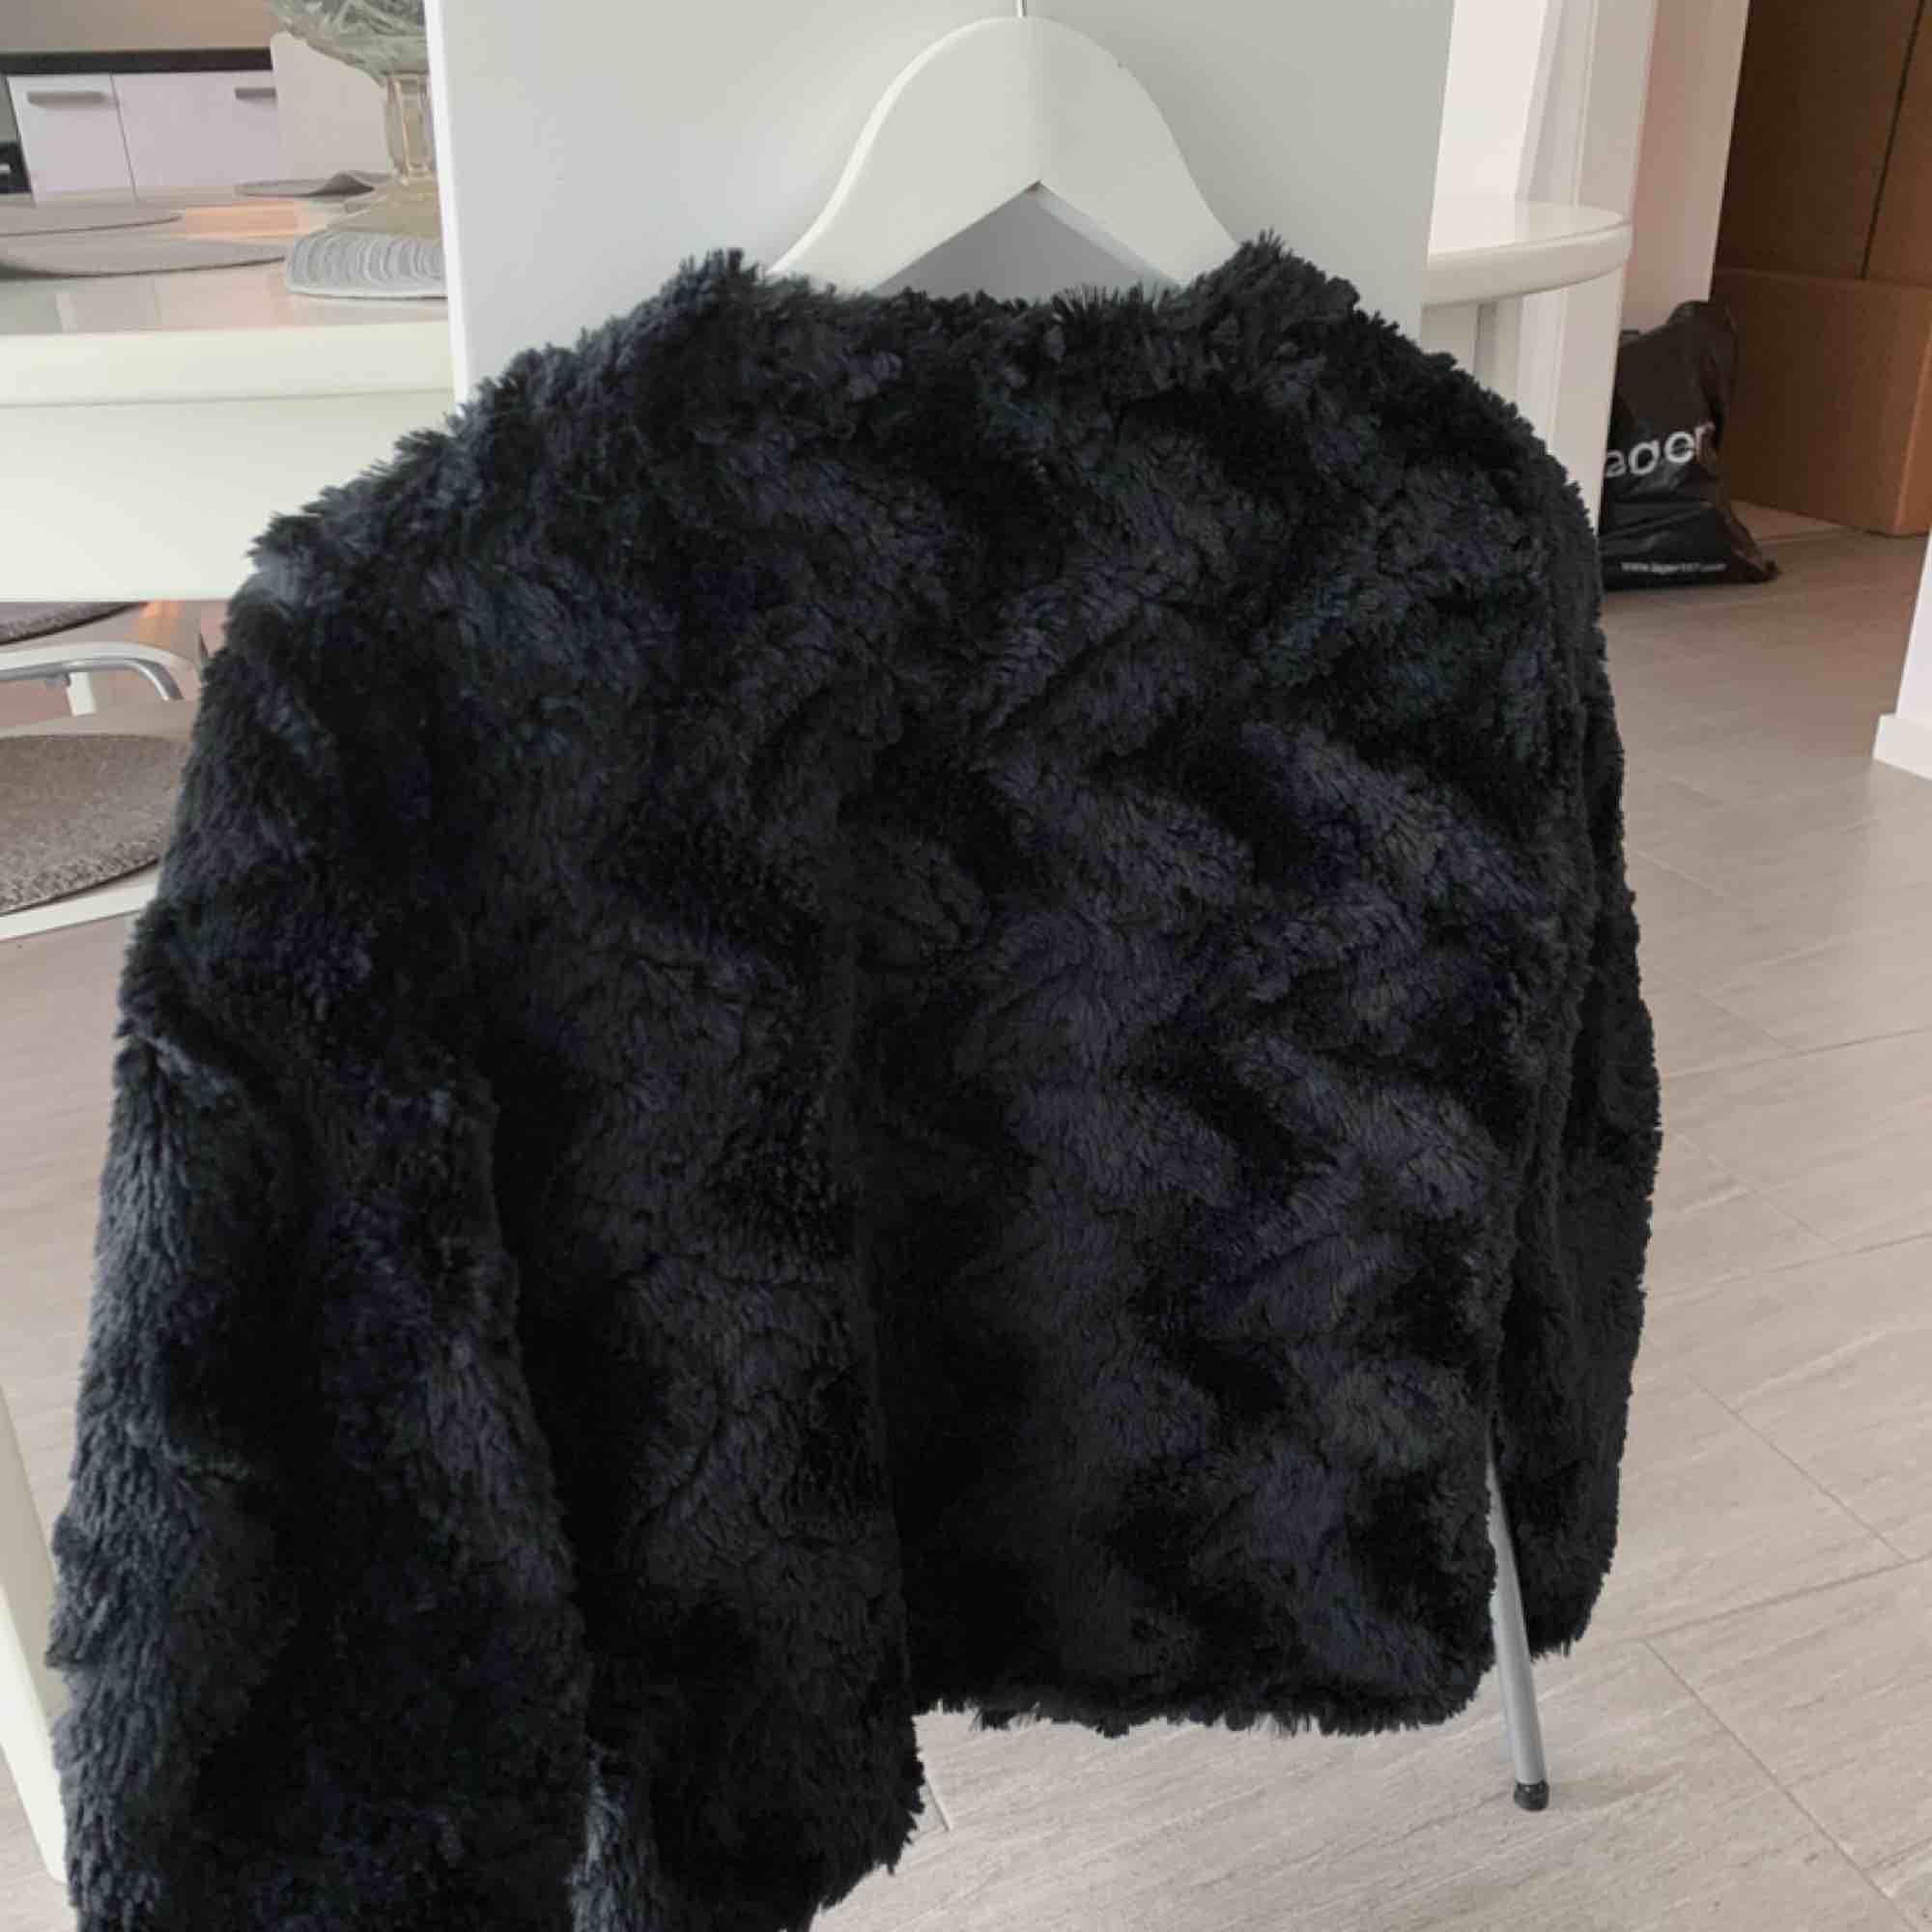 Säljer en fin fake-päls jacka från vero moda pga att jag inte använder den längre, den är i jättebra skick och använd ett fåtal gånger! Köpte den ny för 399 så jag säljer den för 100 kr🧥. Jackor.